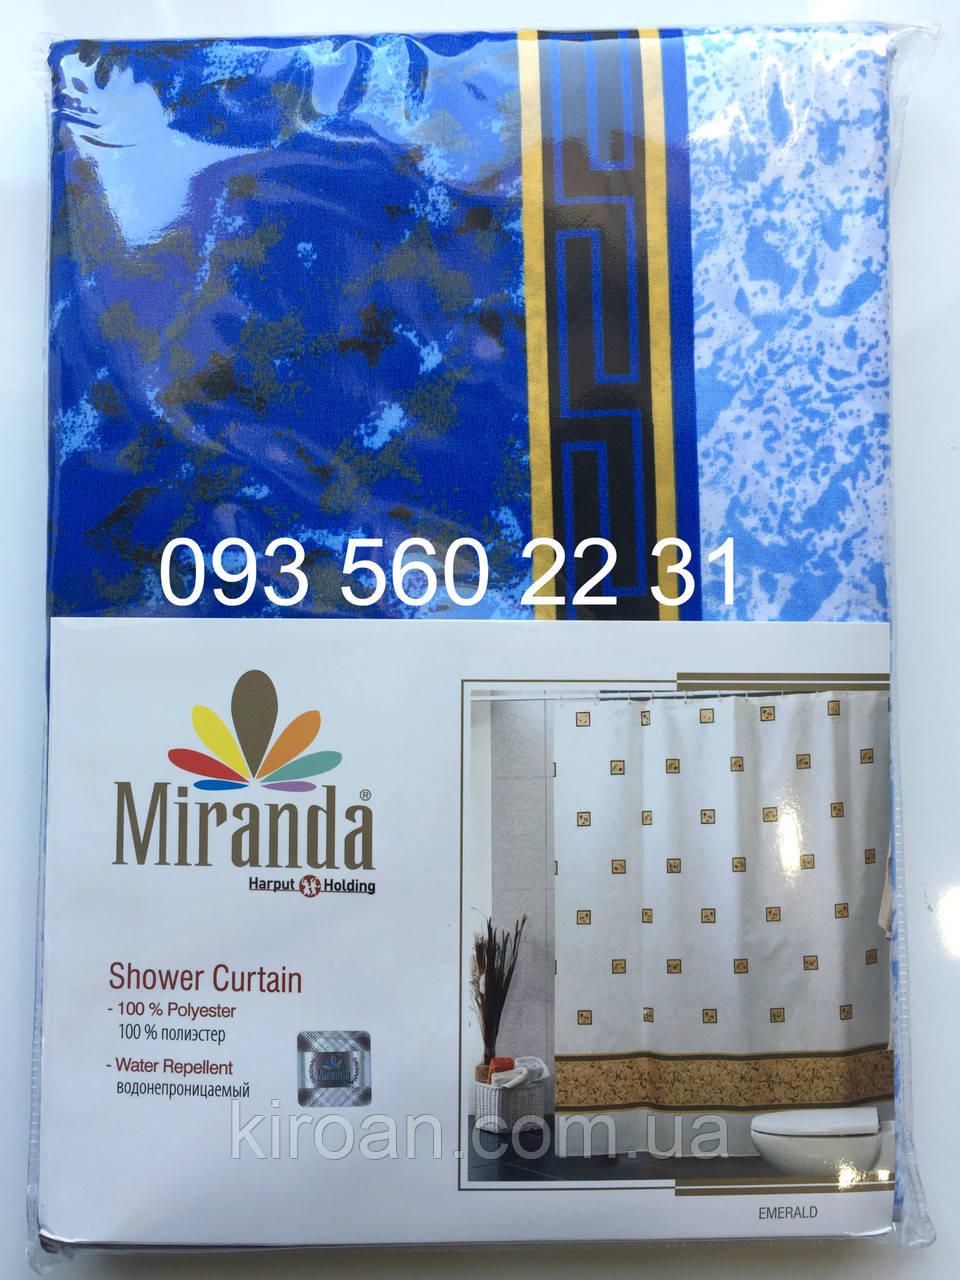 Шторка для ванной Миранда (EMERALD)